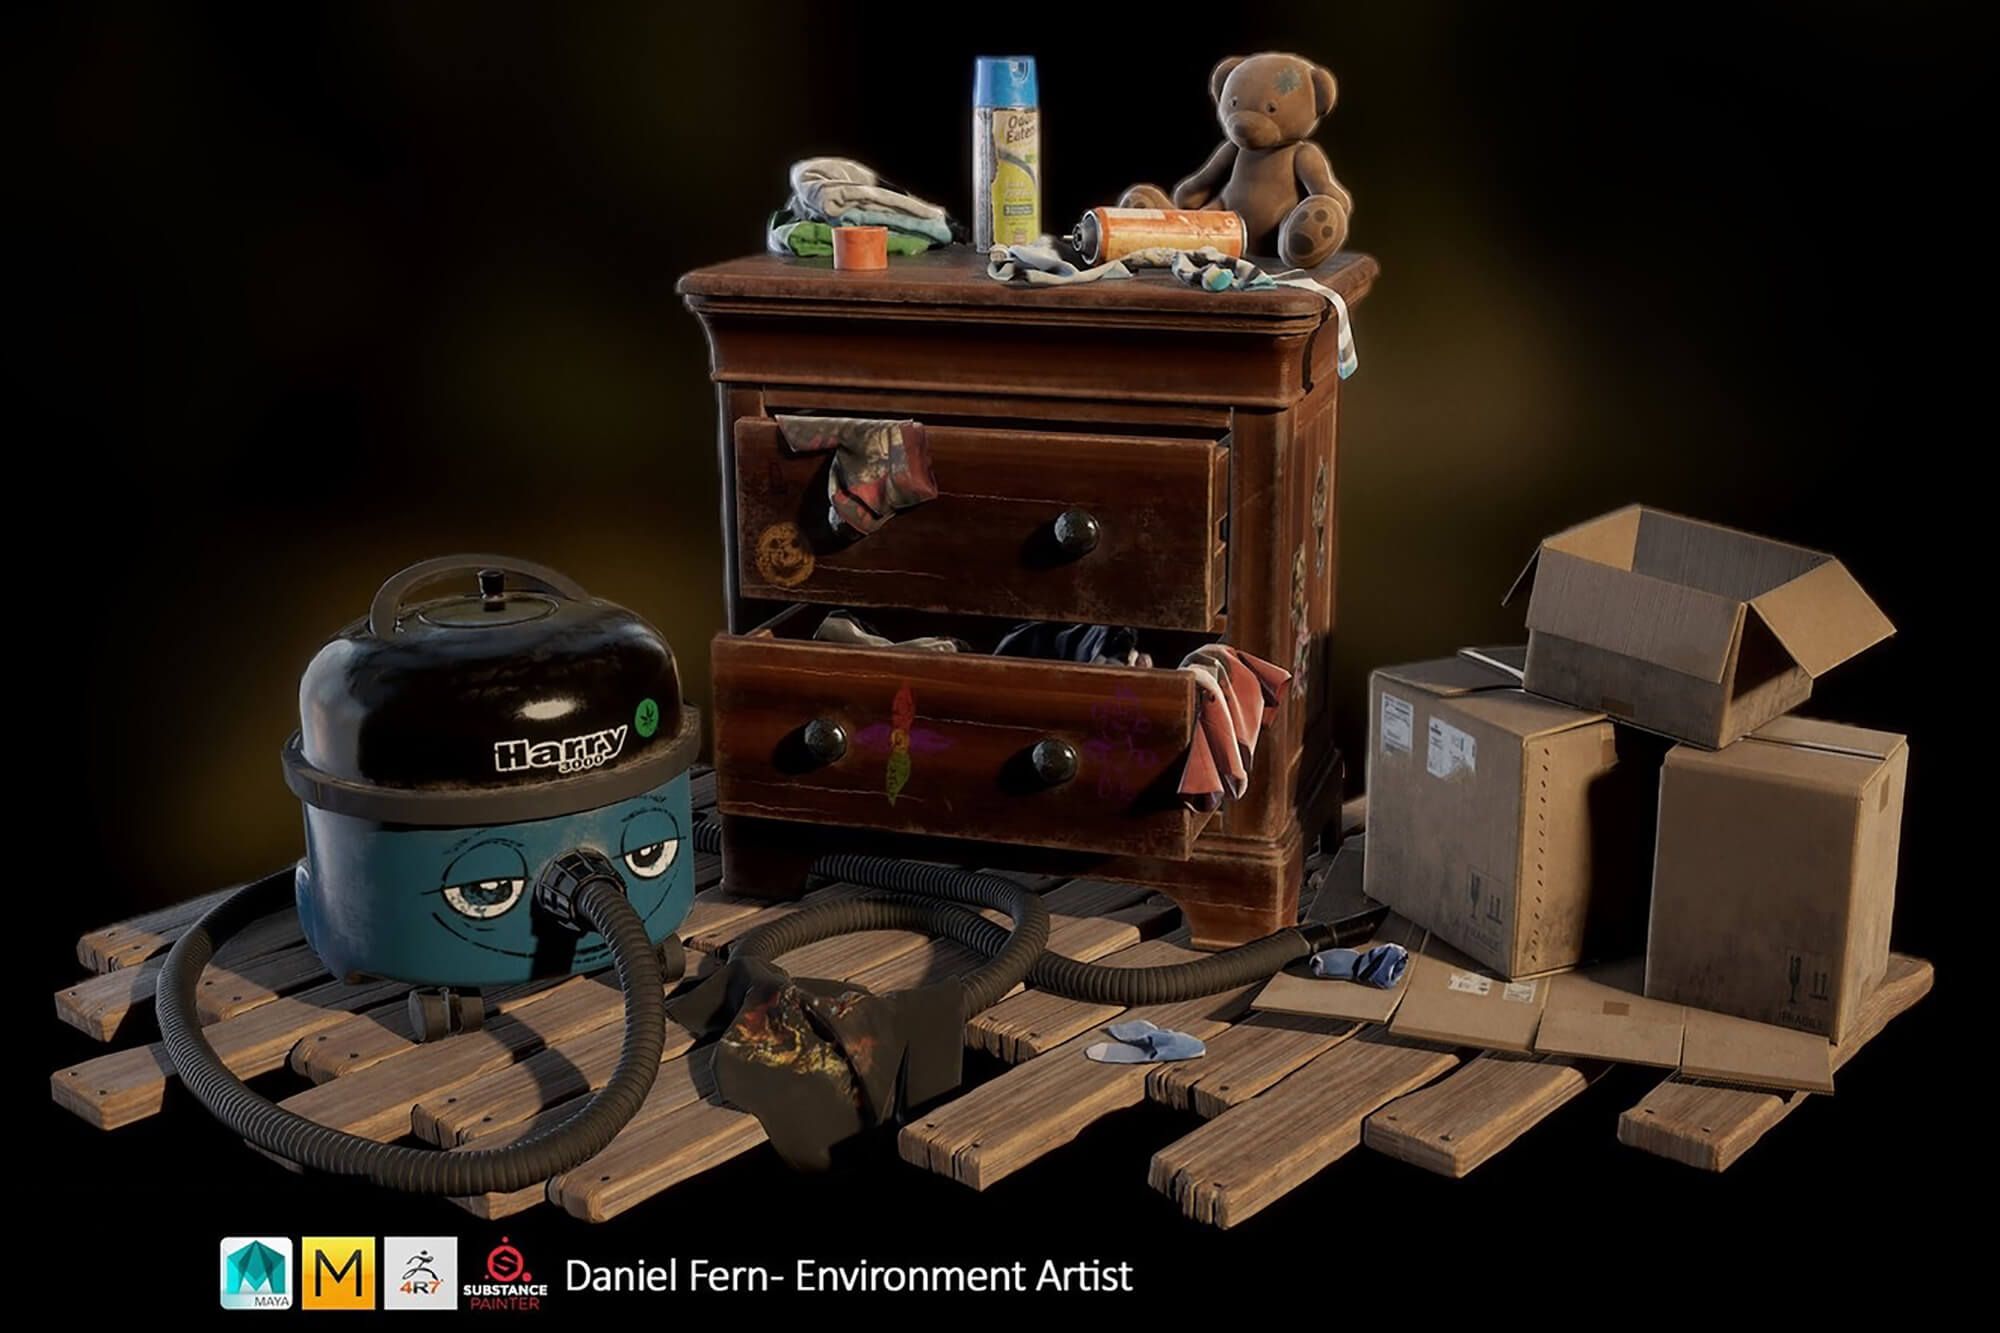 Prop assets by Daniel Fern